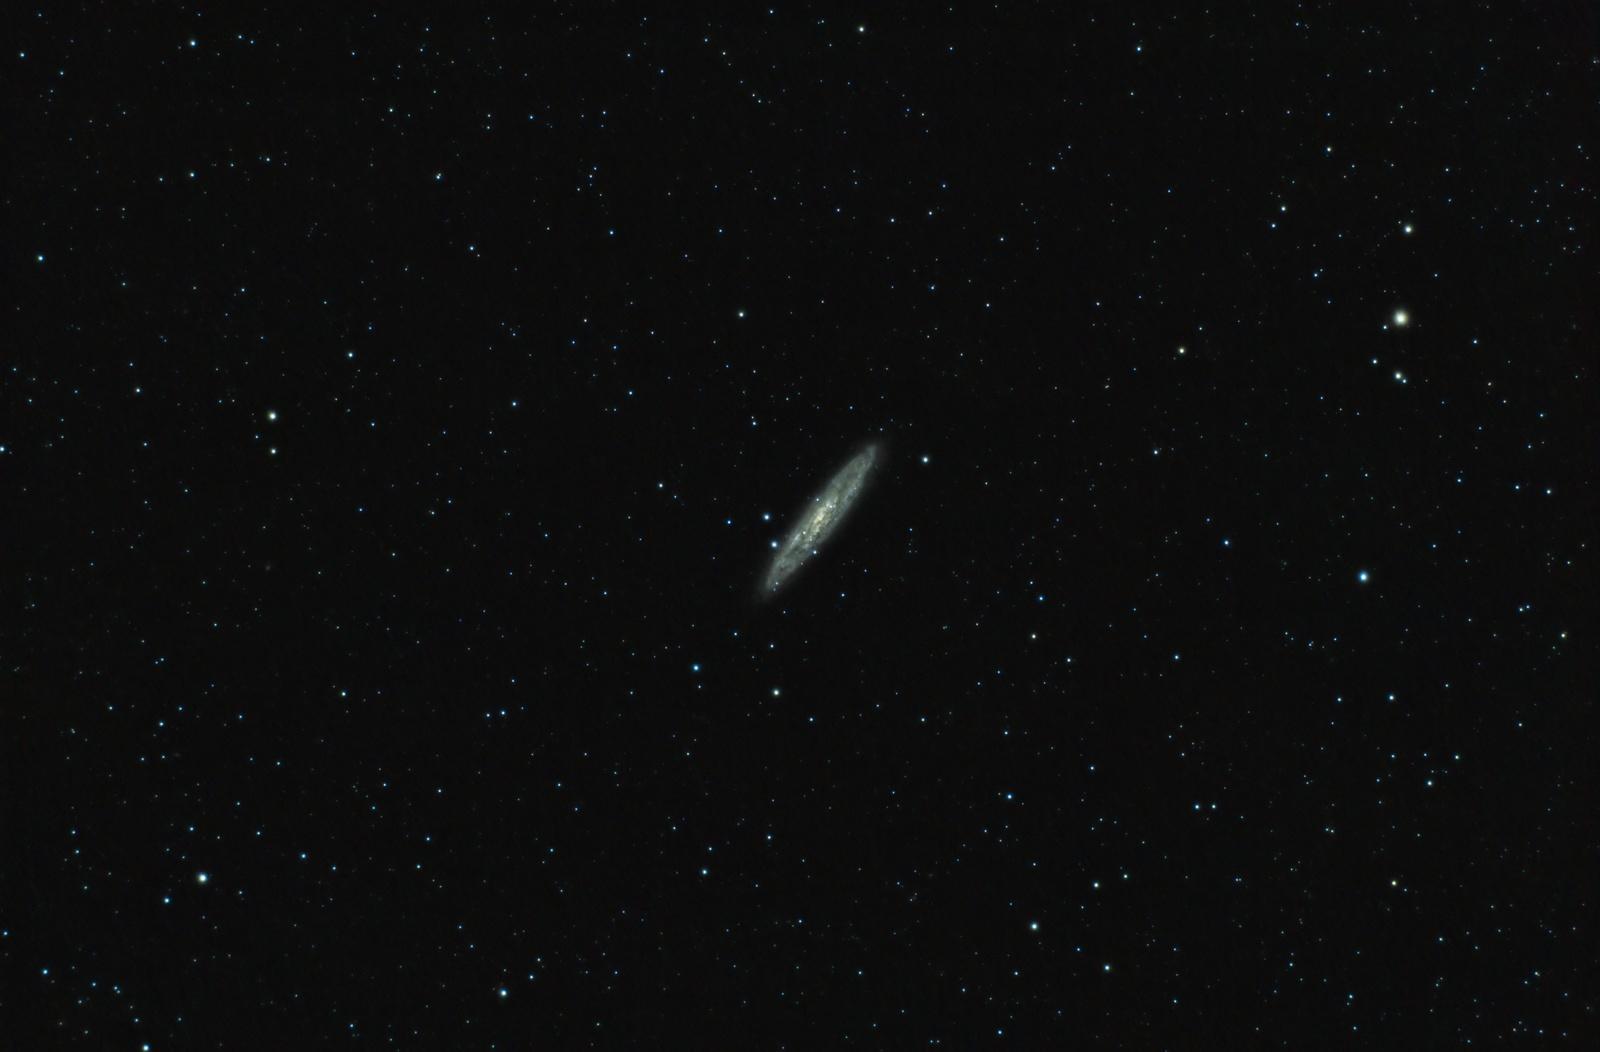 Galaxia del Escultor - NGC253